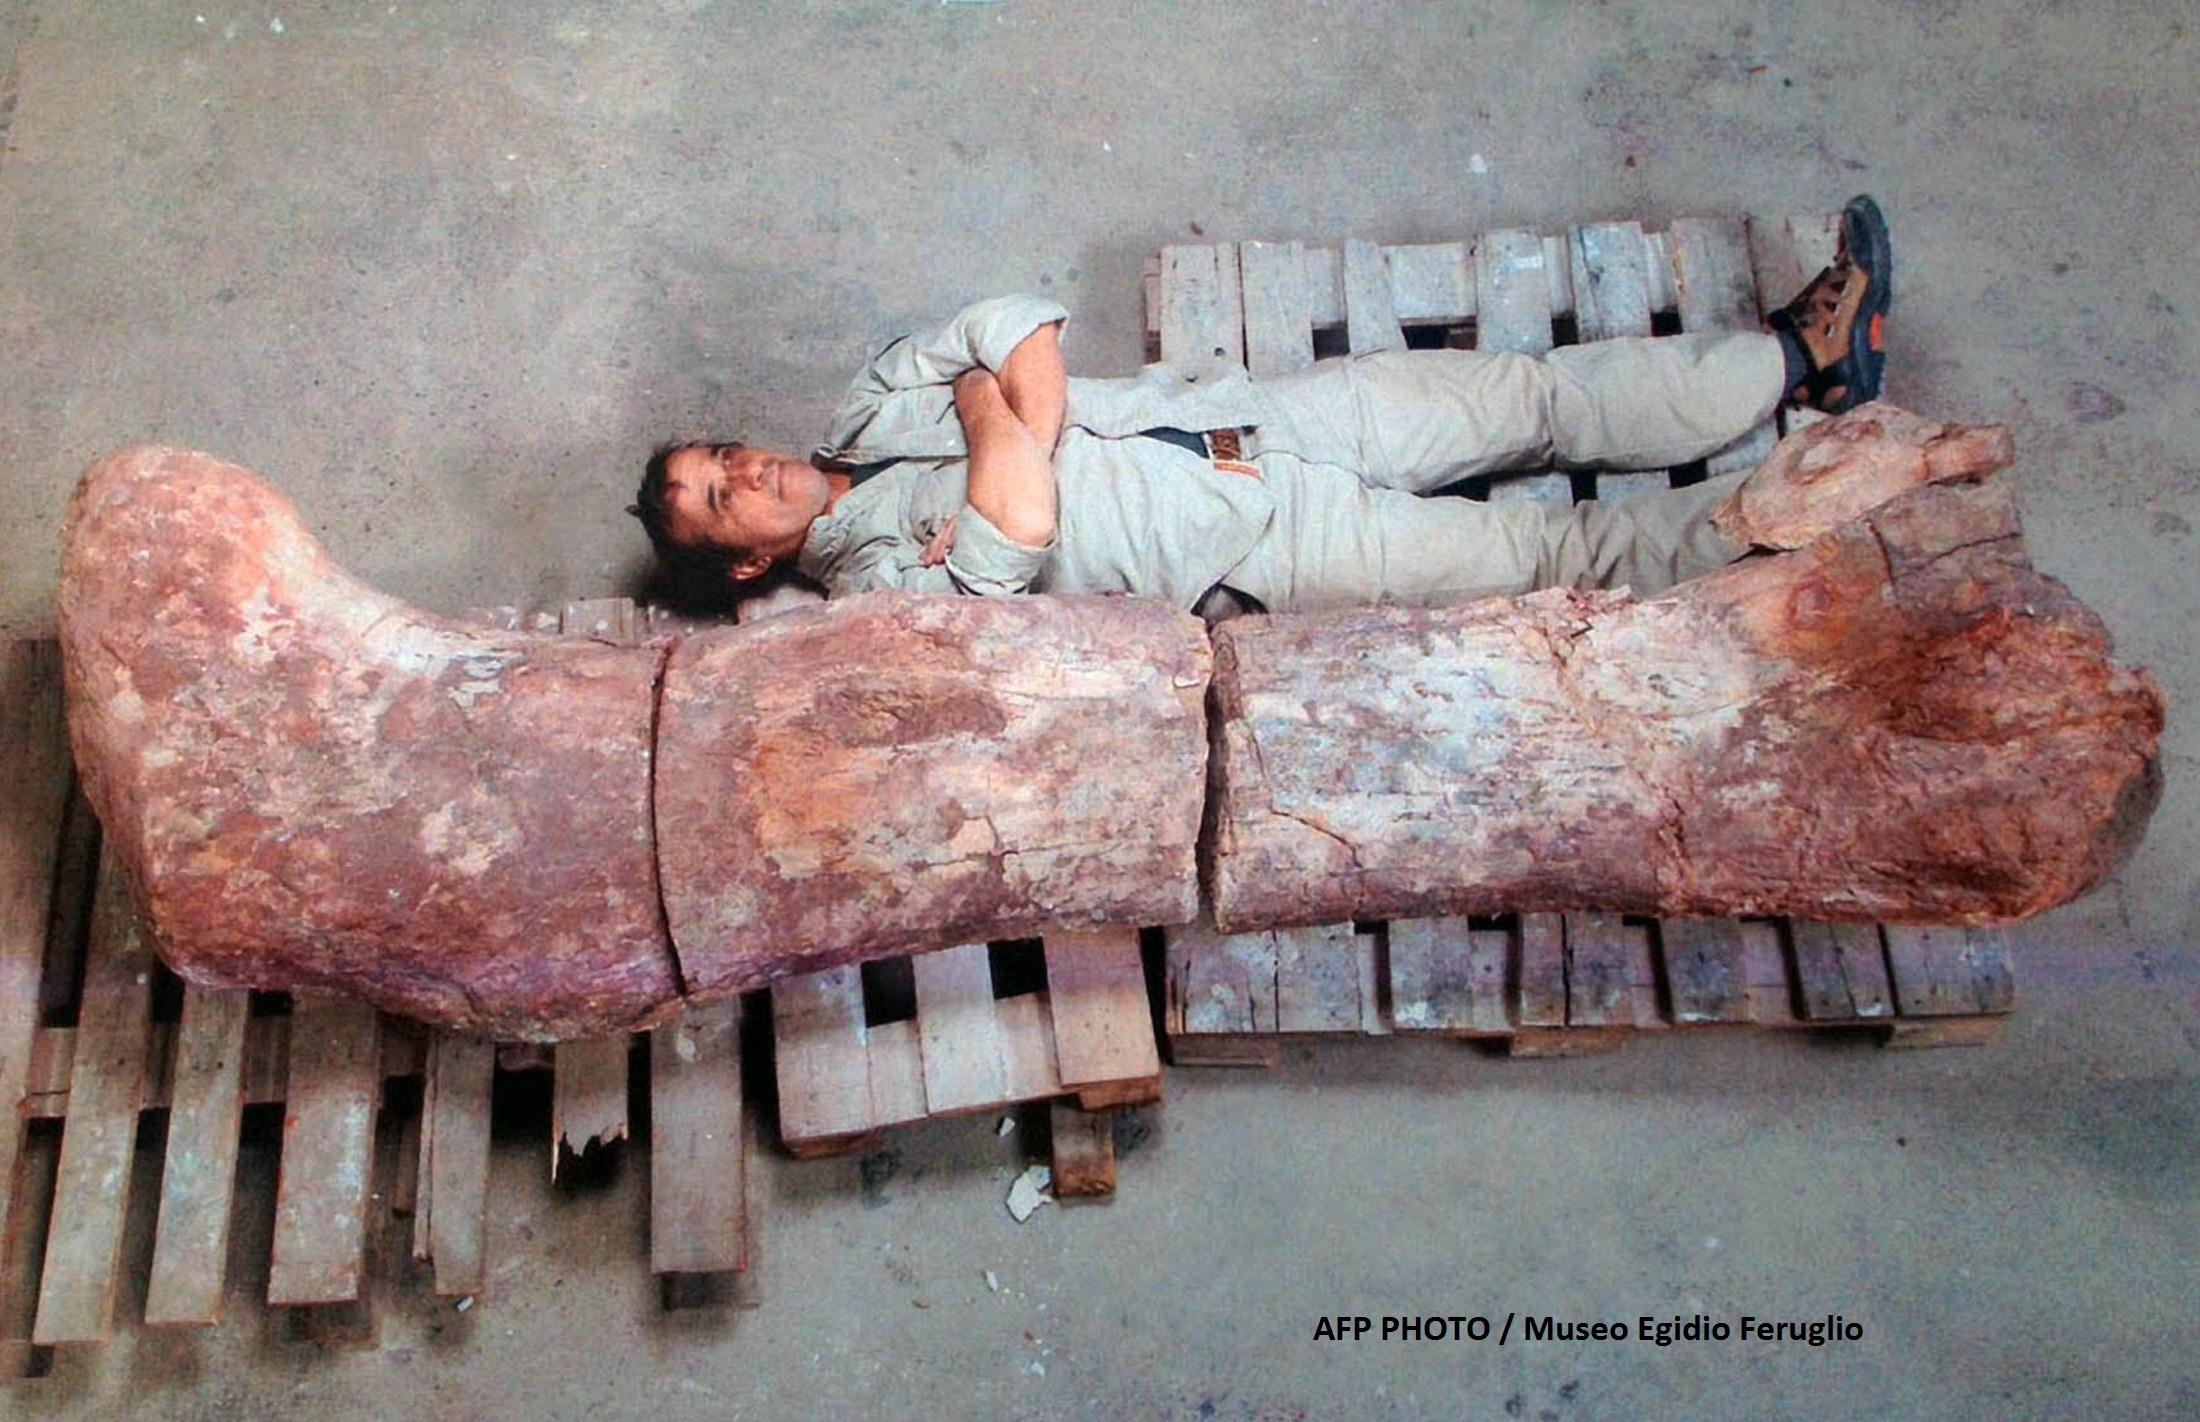 Galerie foto.Cel mai mare dinozaur descoperit vreodata are 40 de metri lungime.Scheletul sau a fost gasit recent in Argentina